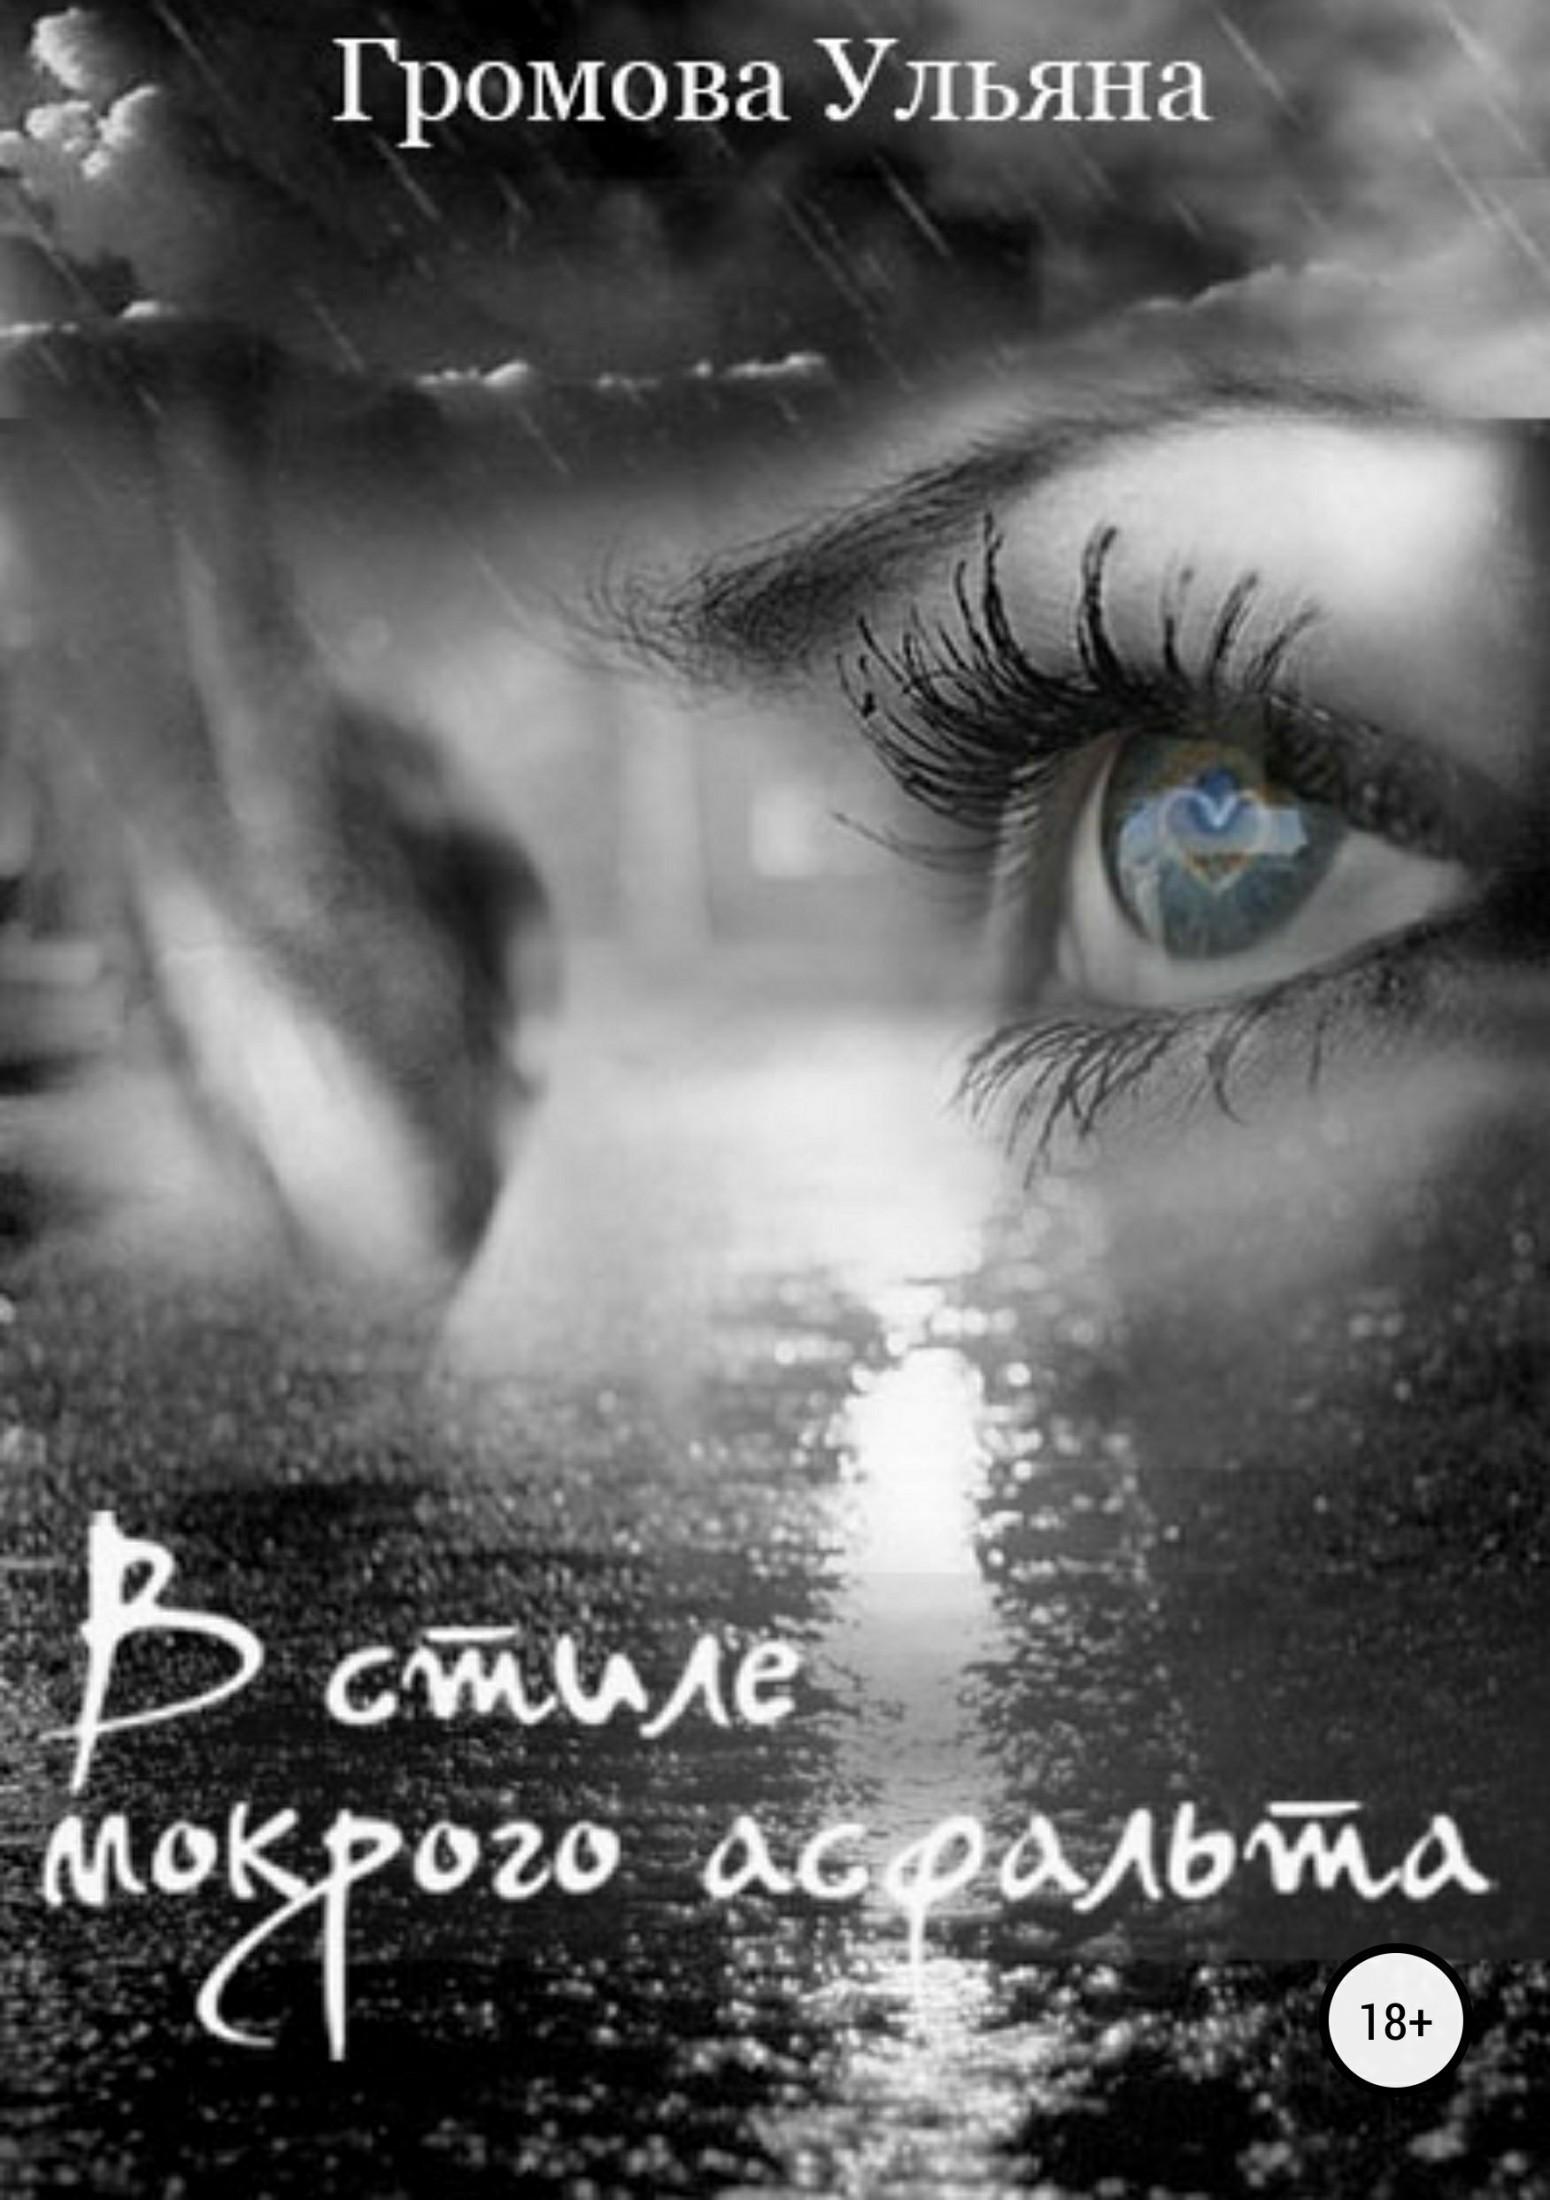 Ульяна Громова - В стиле мокрого асфальта